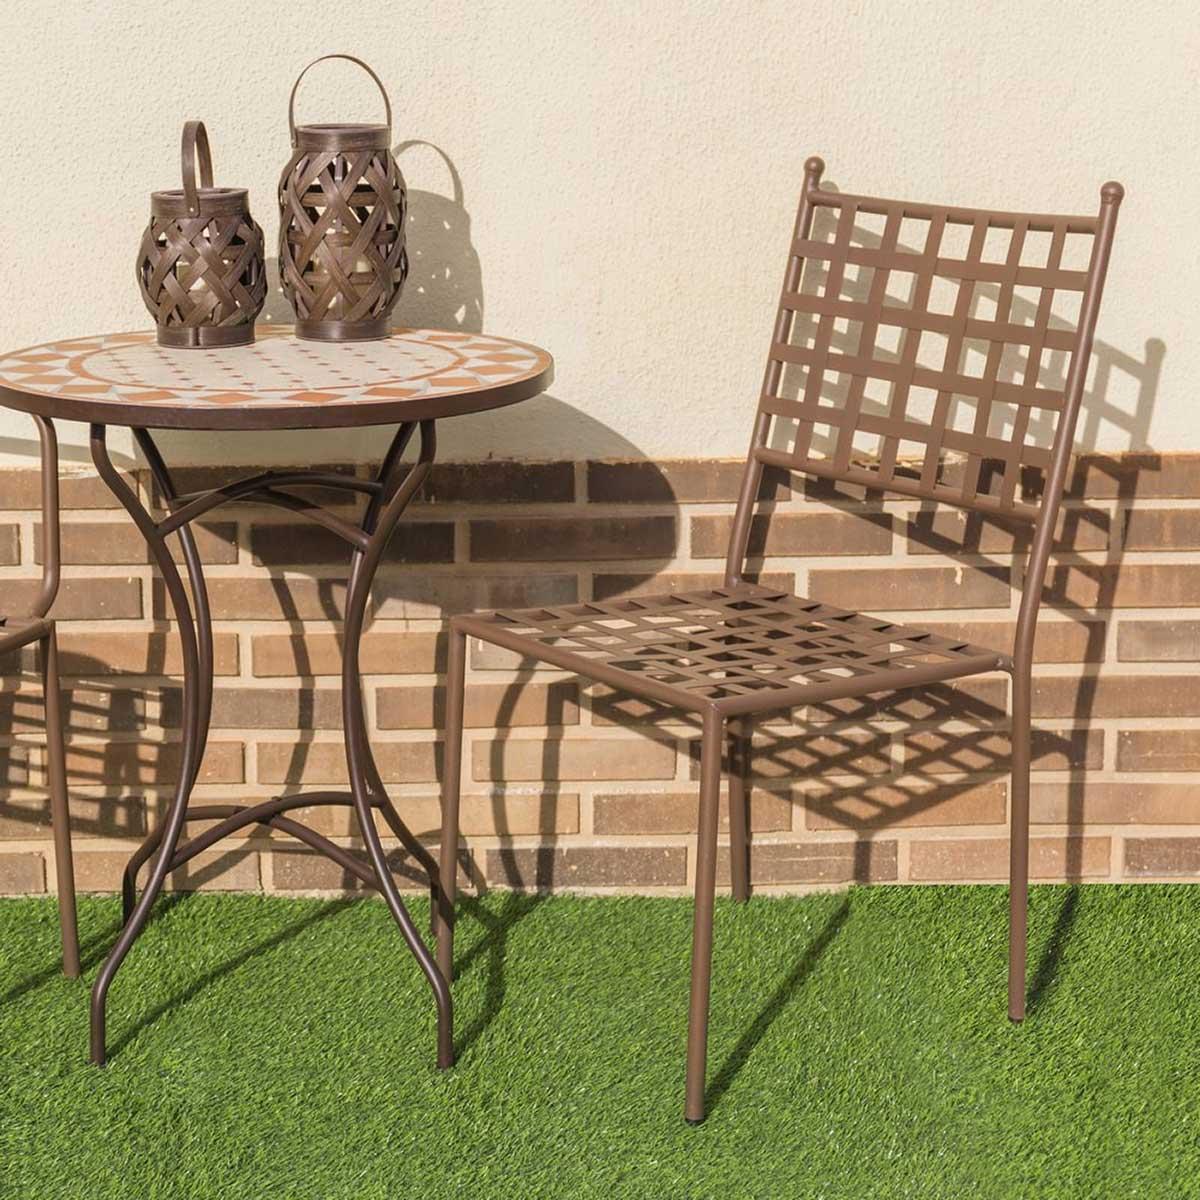 Lot de 4 chaises empilables en fer forgé - Oxydé - 48.00 cm x 55.00 cm x 90.00 cm